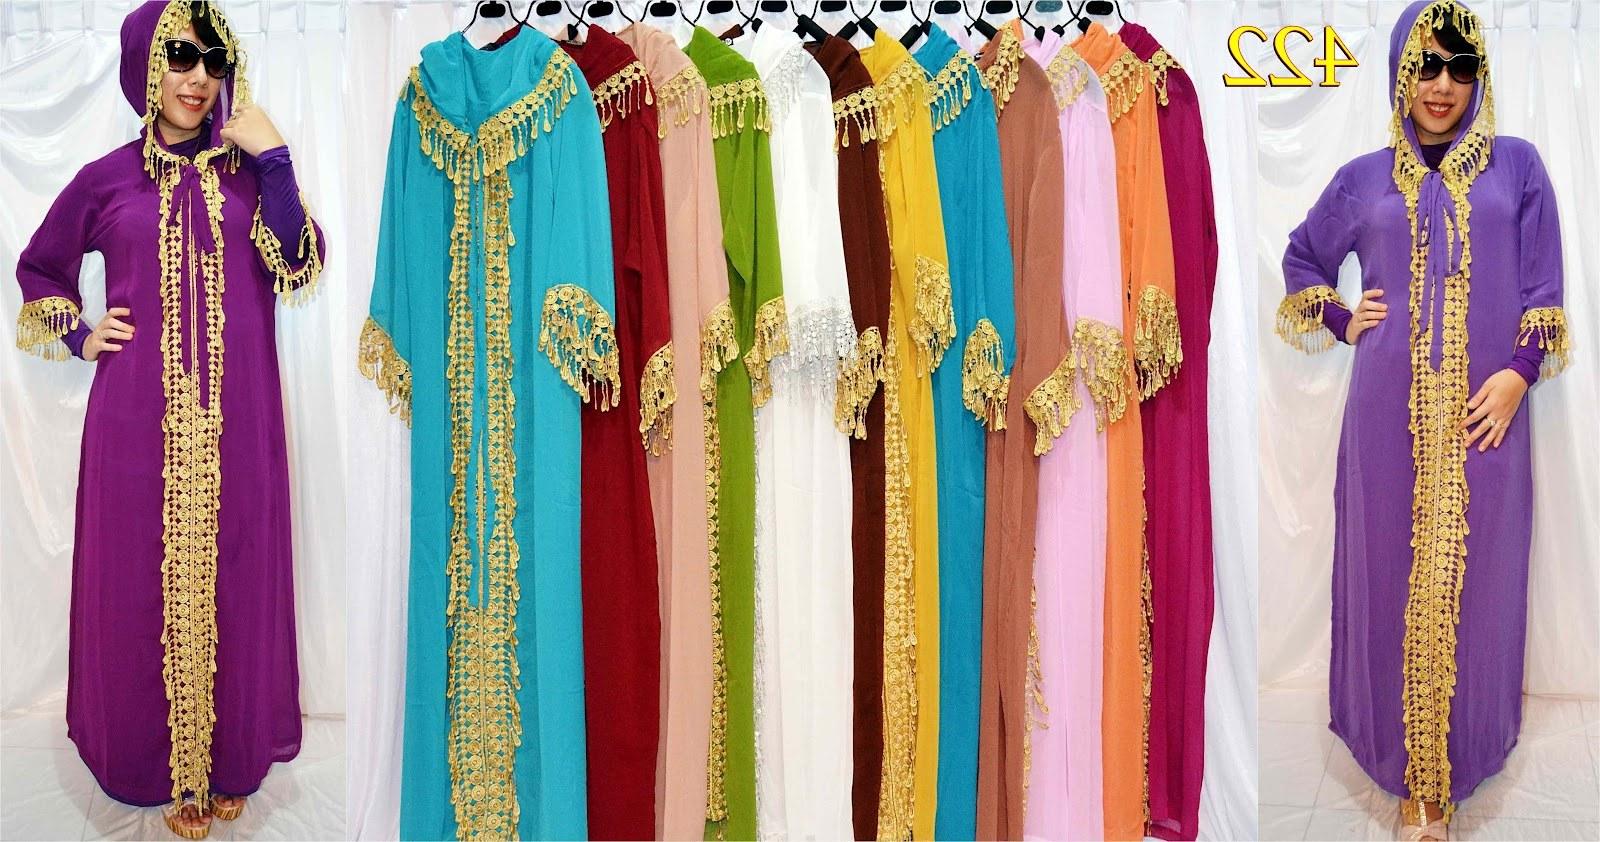 Model Model Baju Lebaran Syahrini Dddy Model Baju Abaya Syahrini Model Baju Abaya Syahrini toko